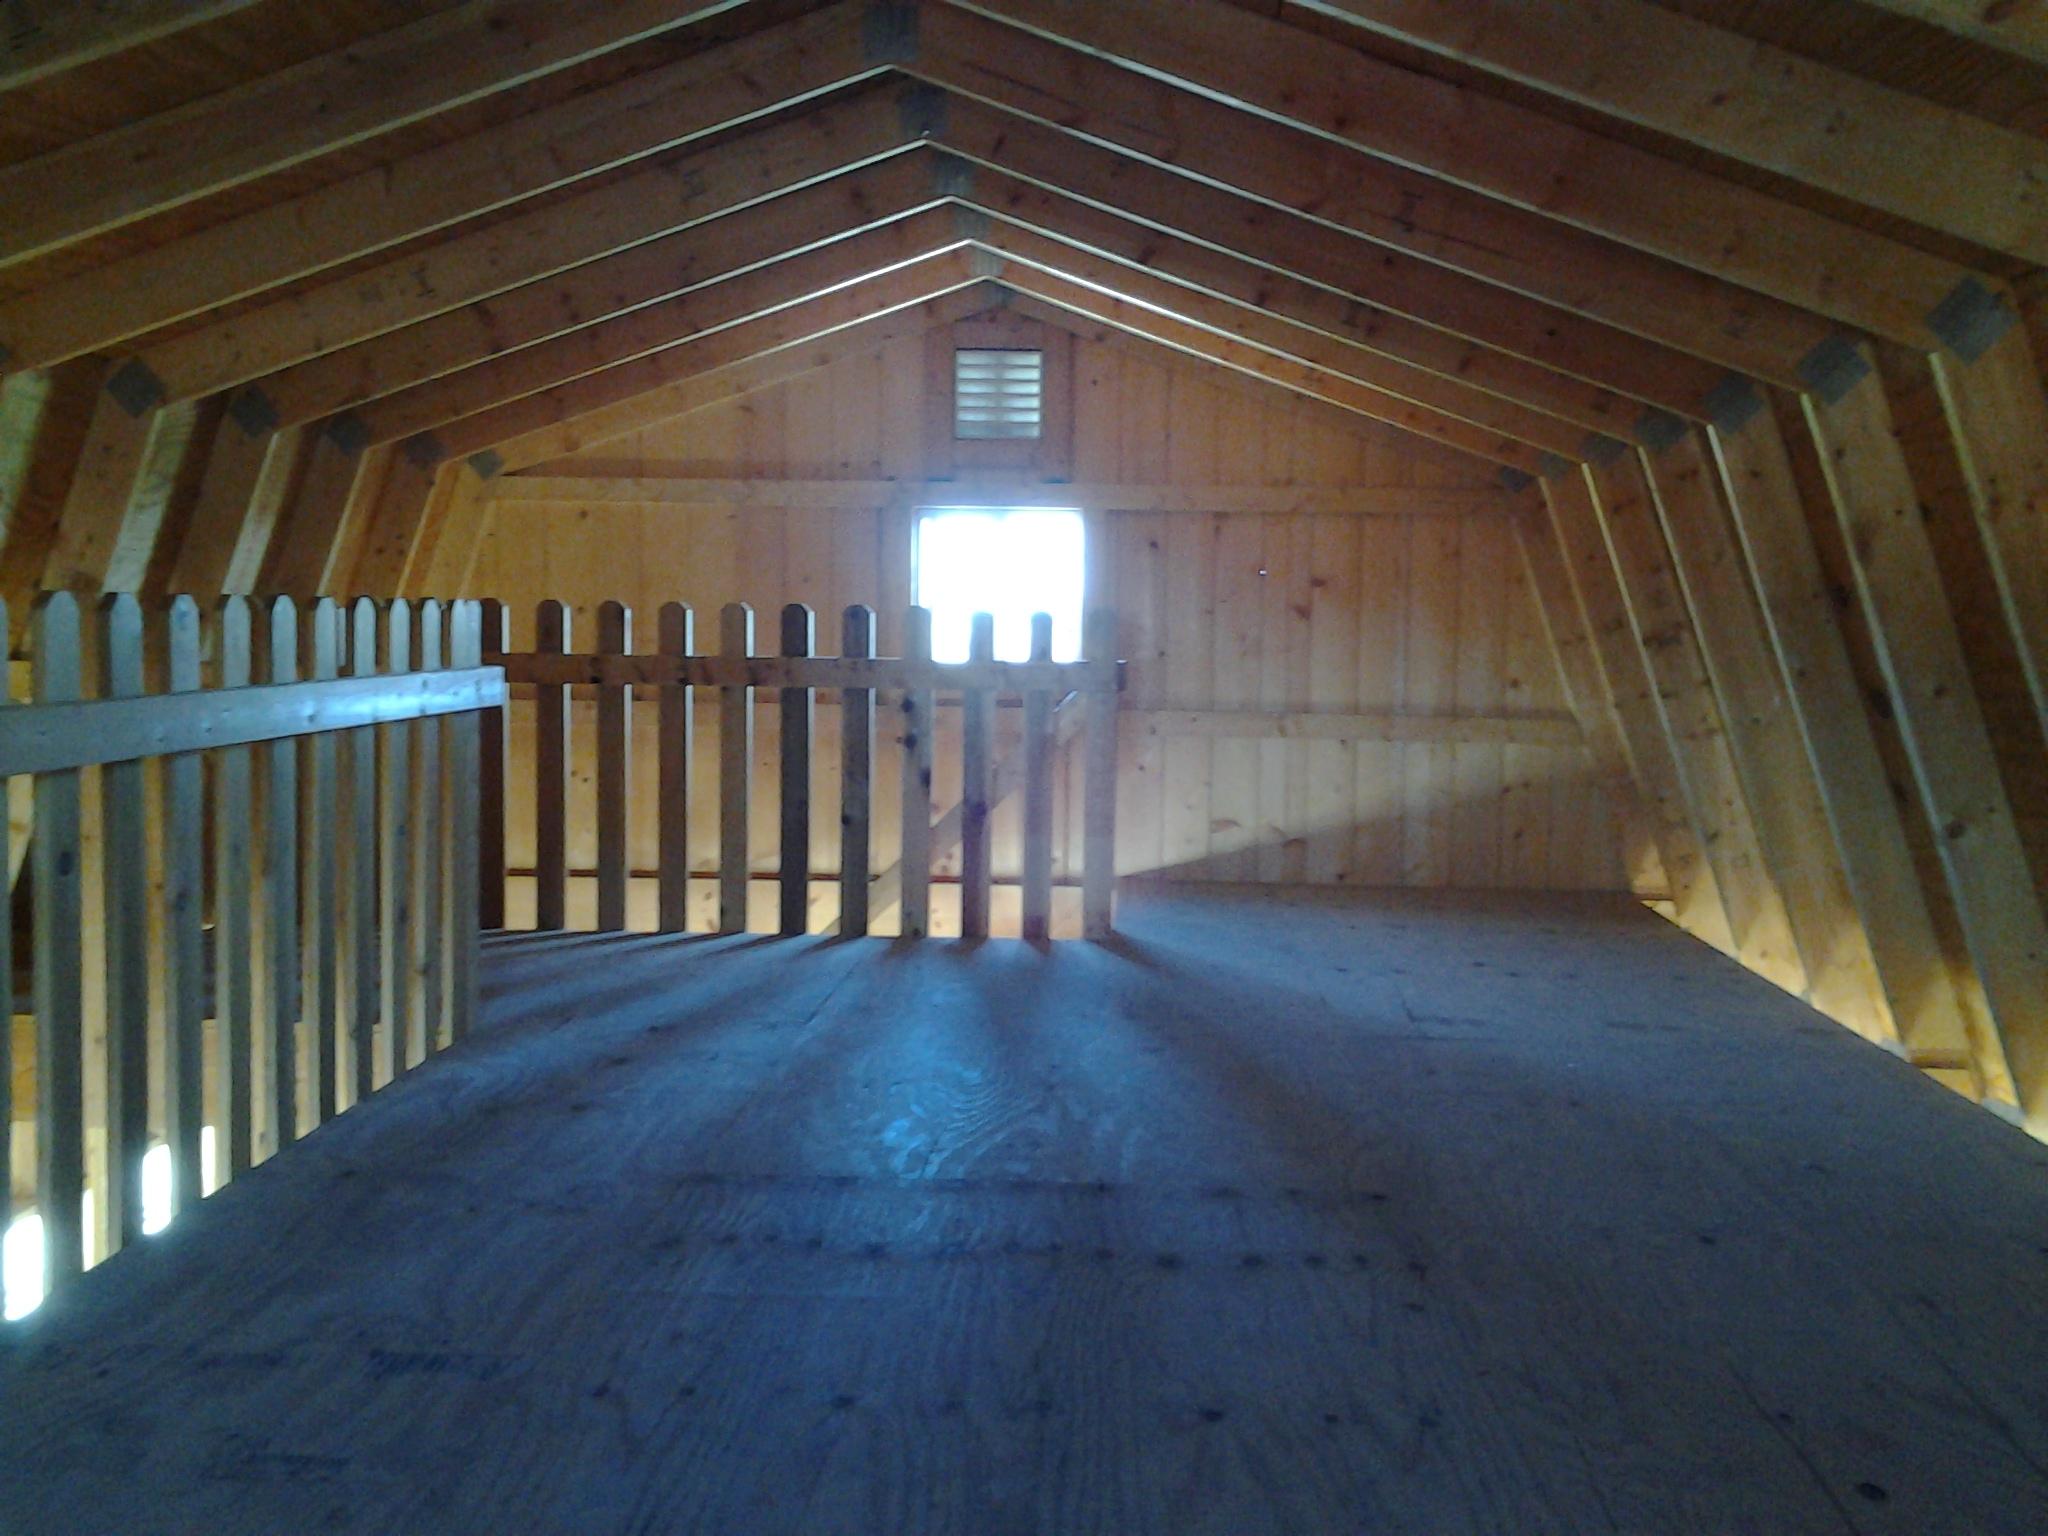 40 Foot Wide Overhead Door Enchanting Home Design